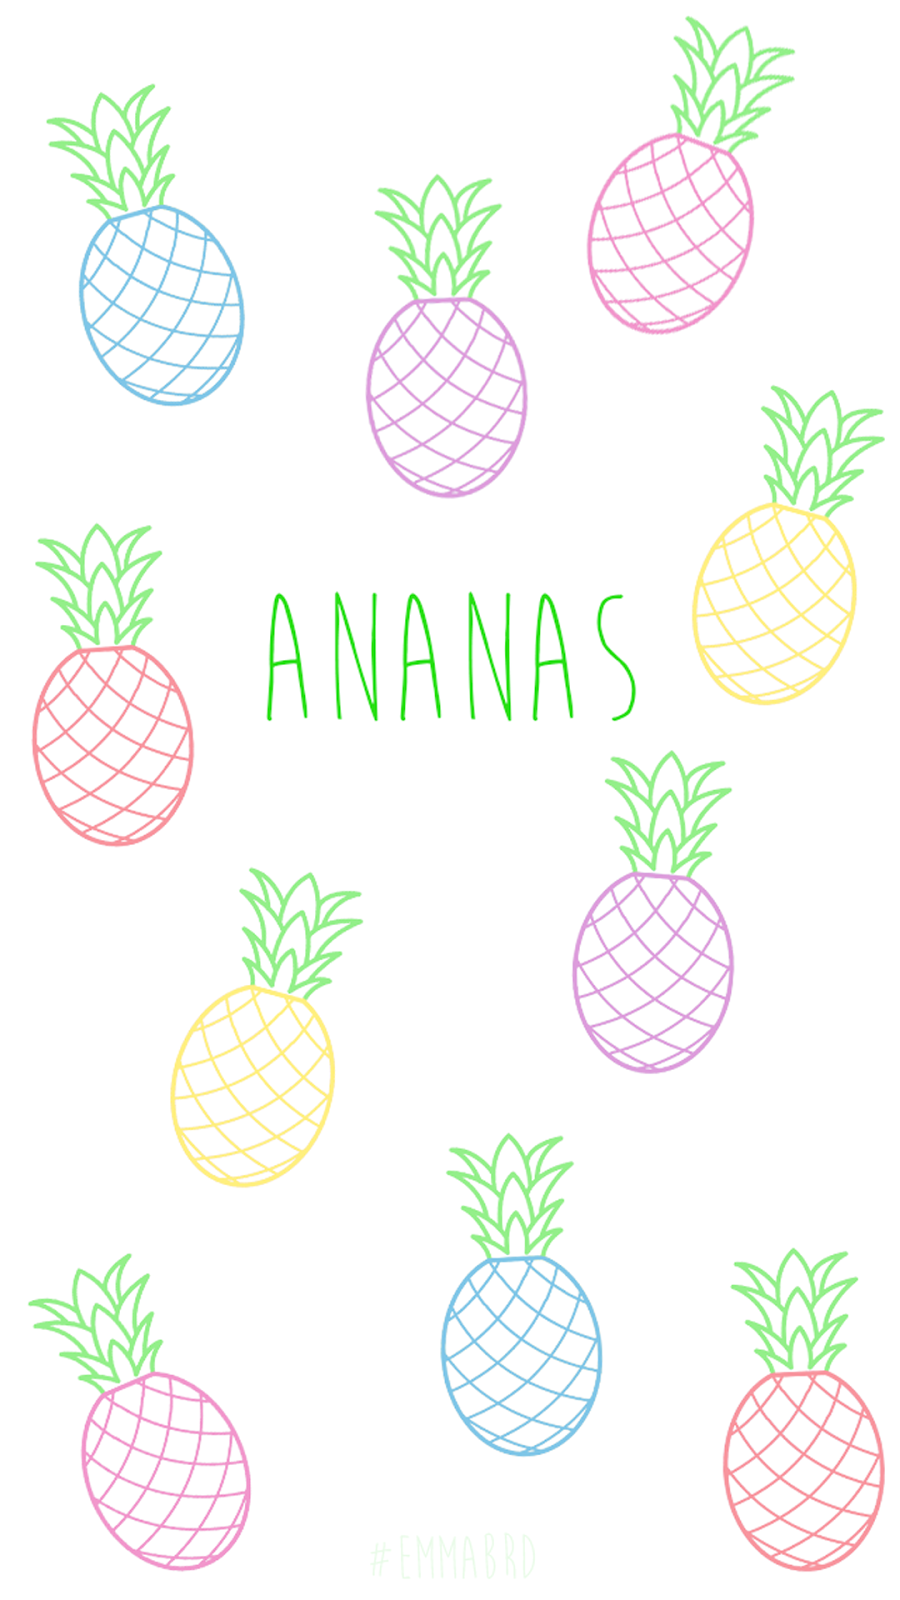 Emoji Wallpaper Cute Fond D 233 Cran Ananas Hd Fond D 233 Cran Hd